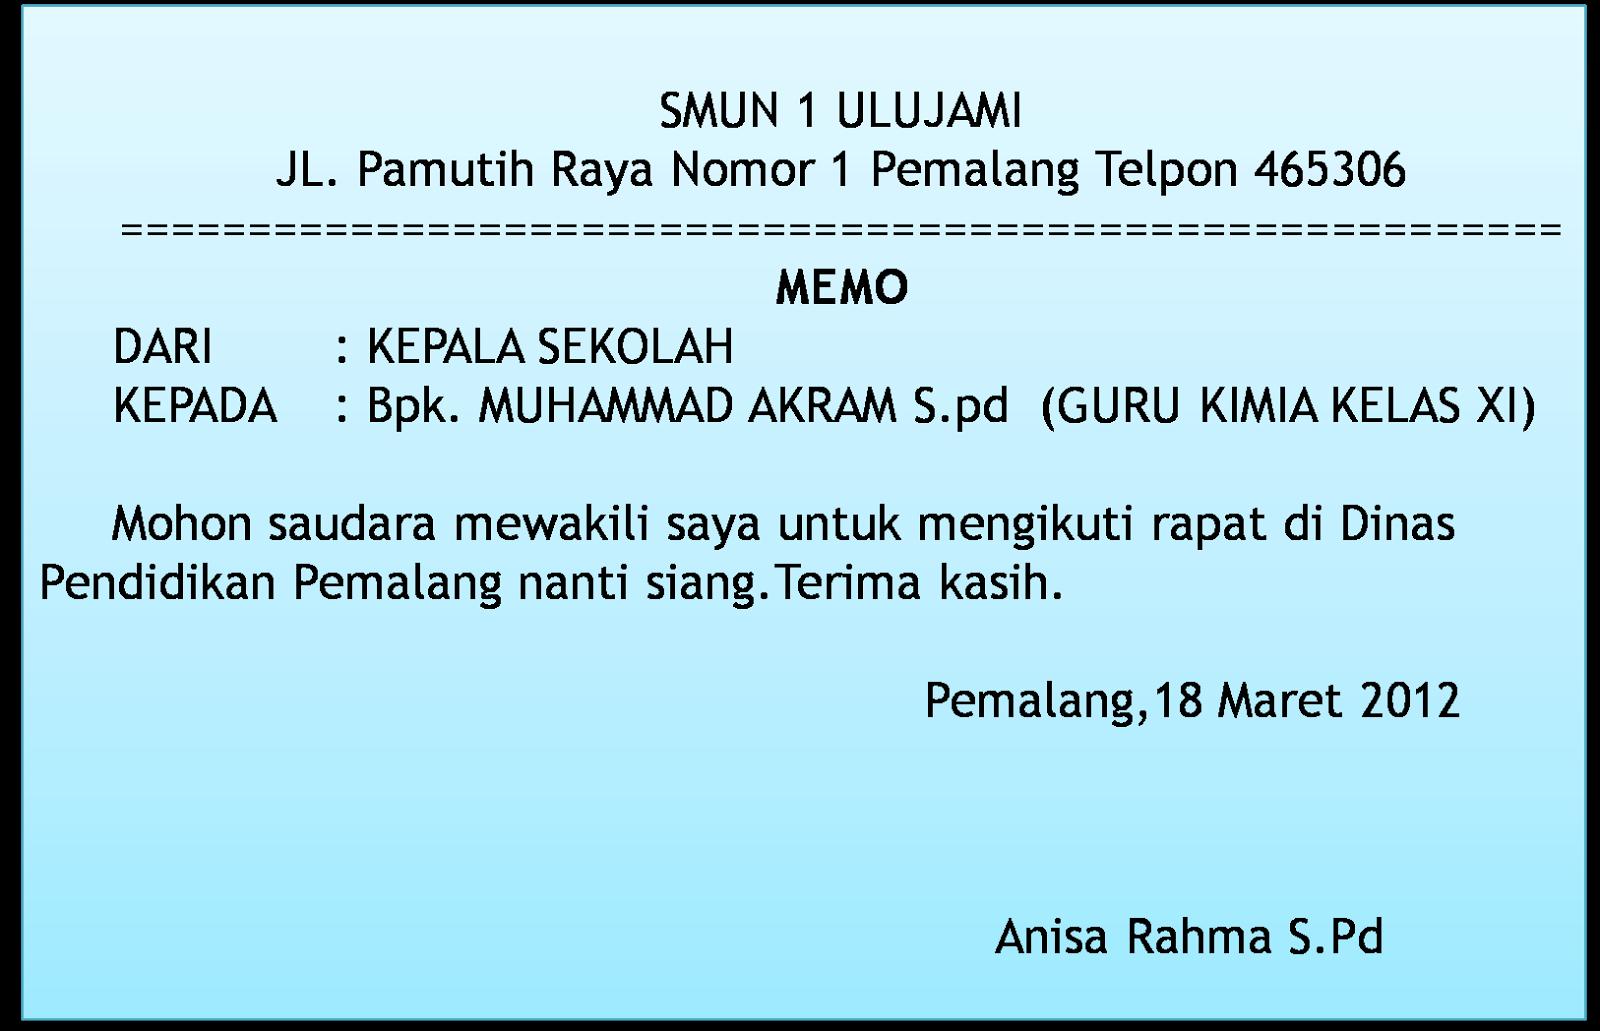 Contoh surat indonesia contoh memo dan penulisannya mei 2015 contoh memo dalam bahasa inggris stopboris Gallery